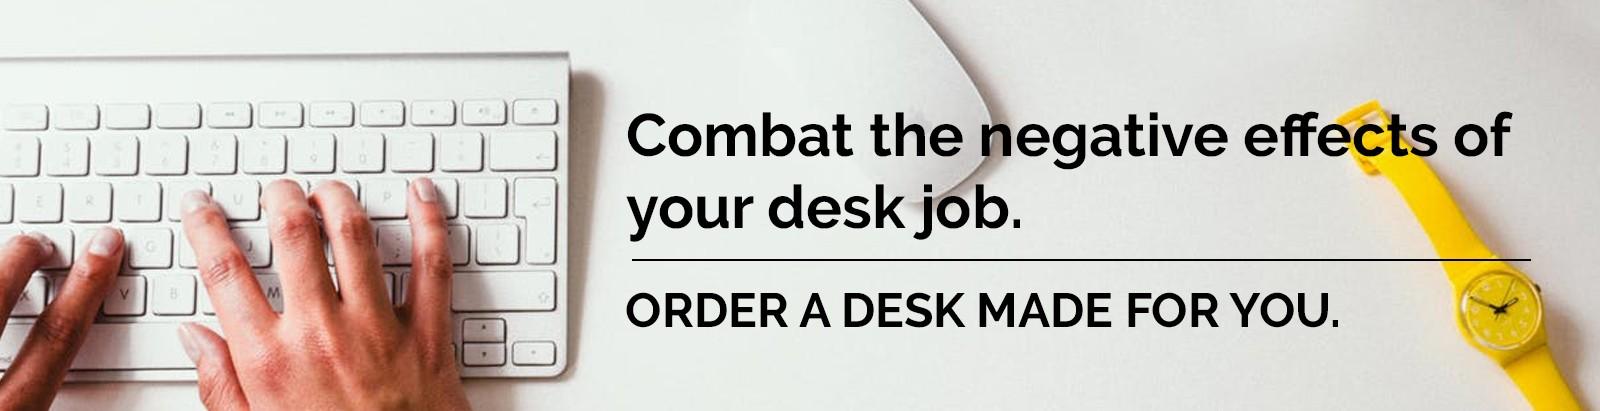 negative-effects-desk